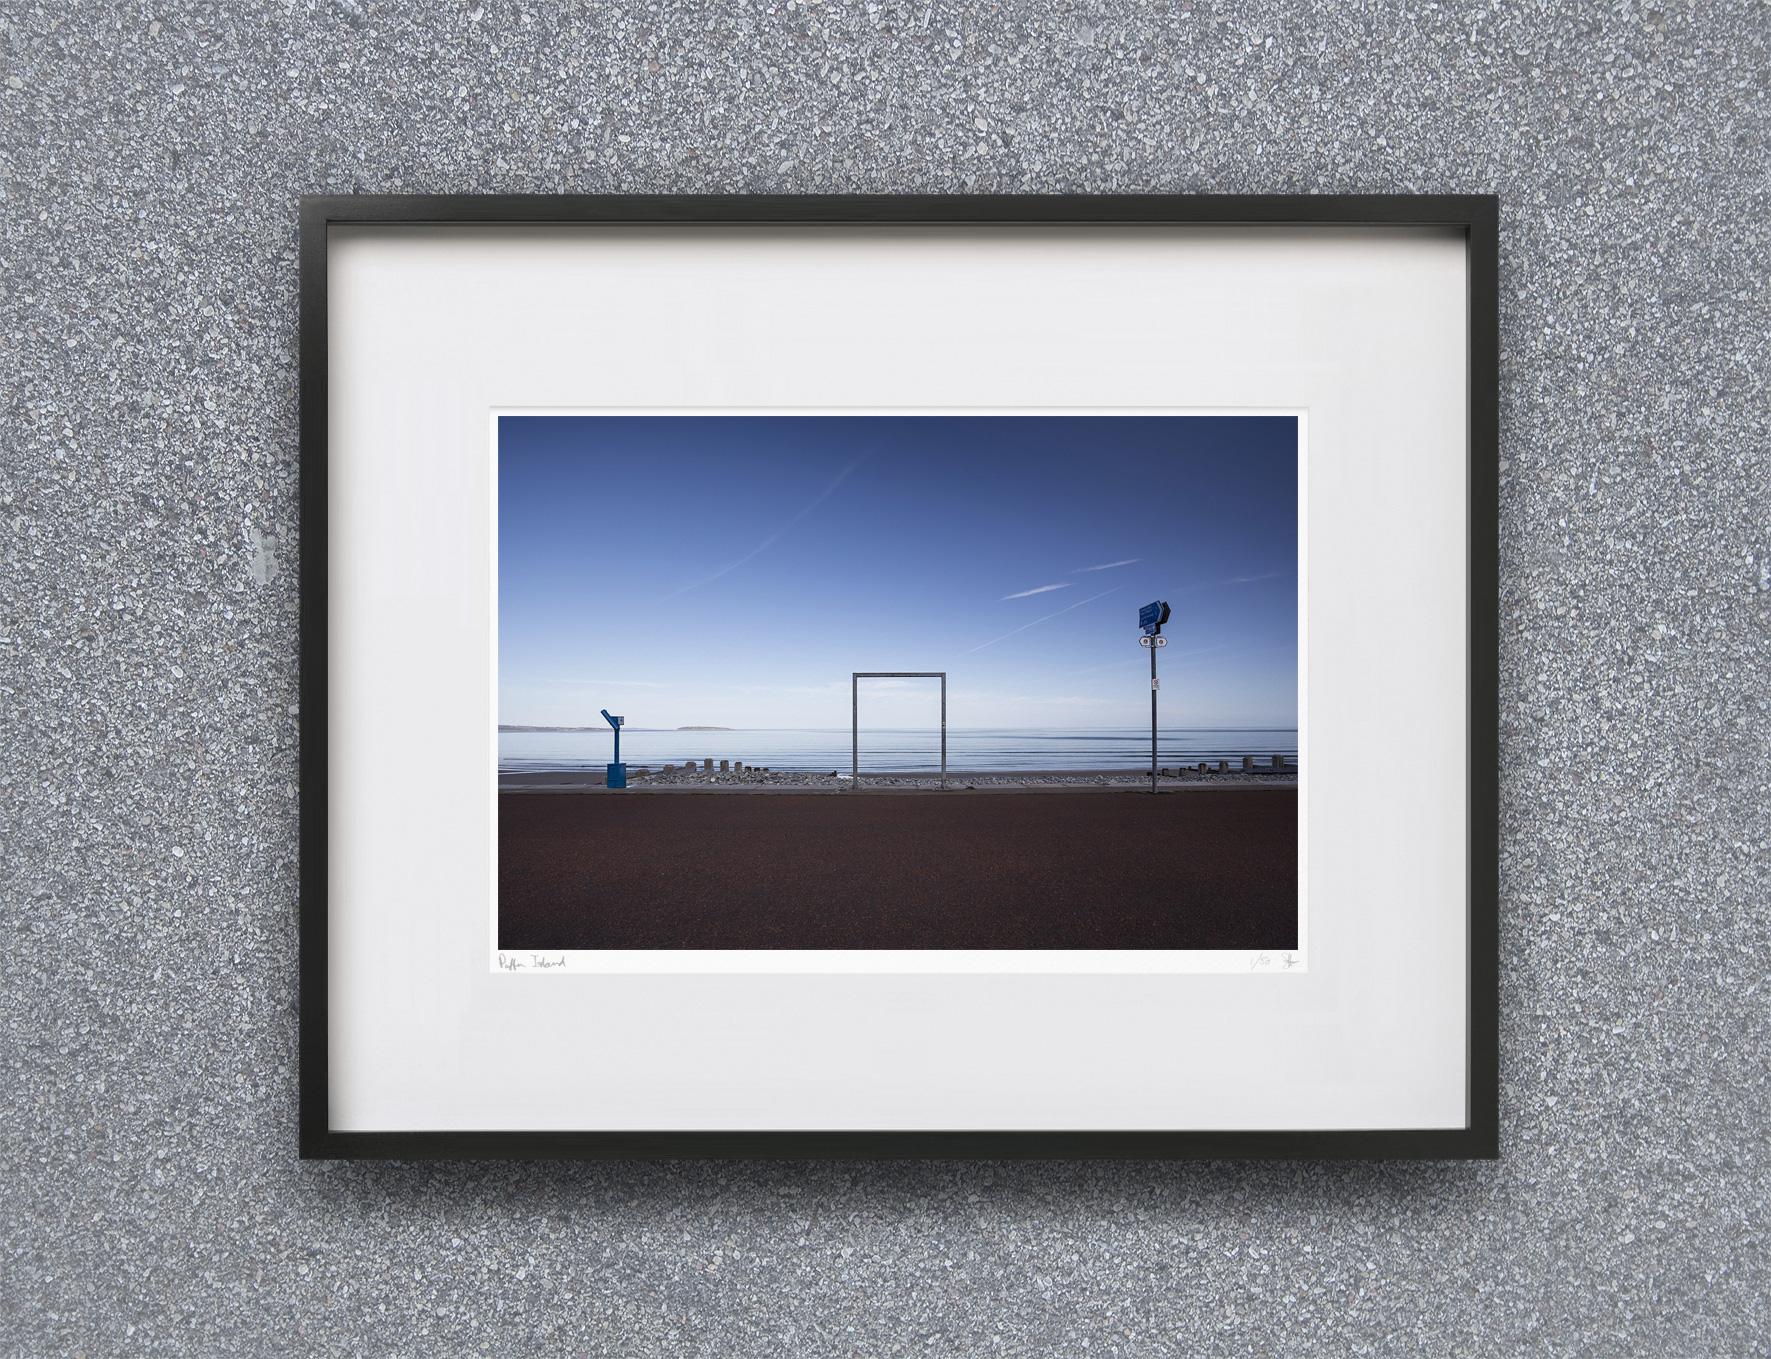 2015-Frame-Template-Frame.jpg